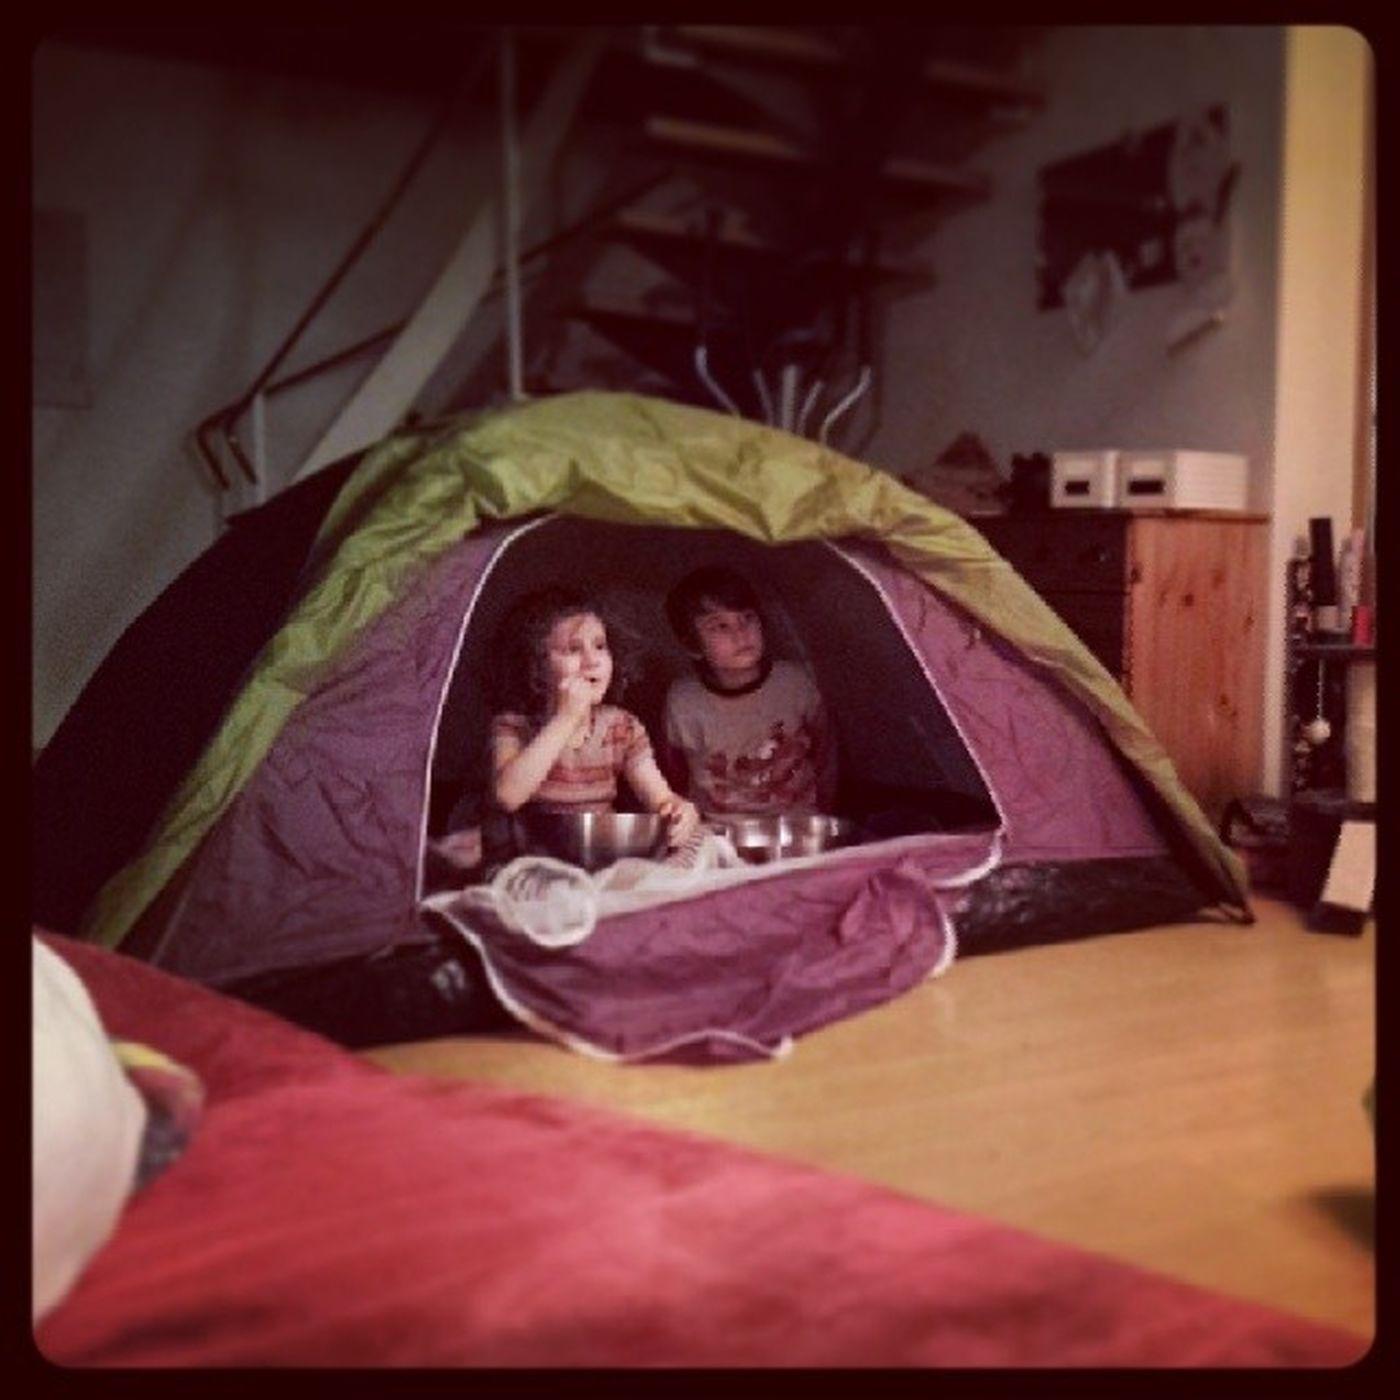 Heute Indoorcamping :) Inmylivingroom Cgbjanuary14